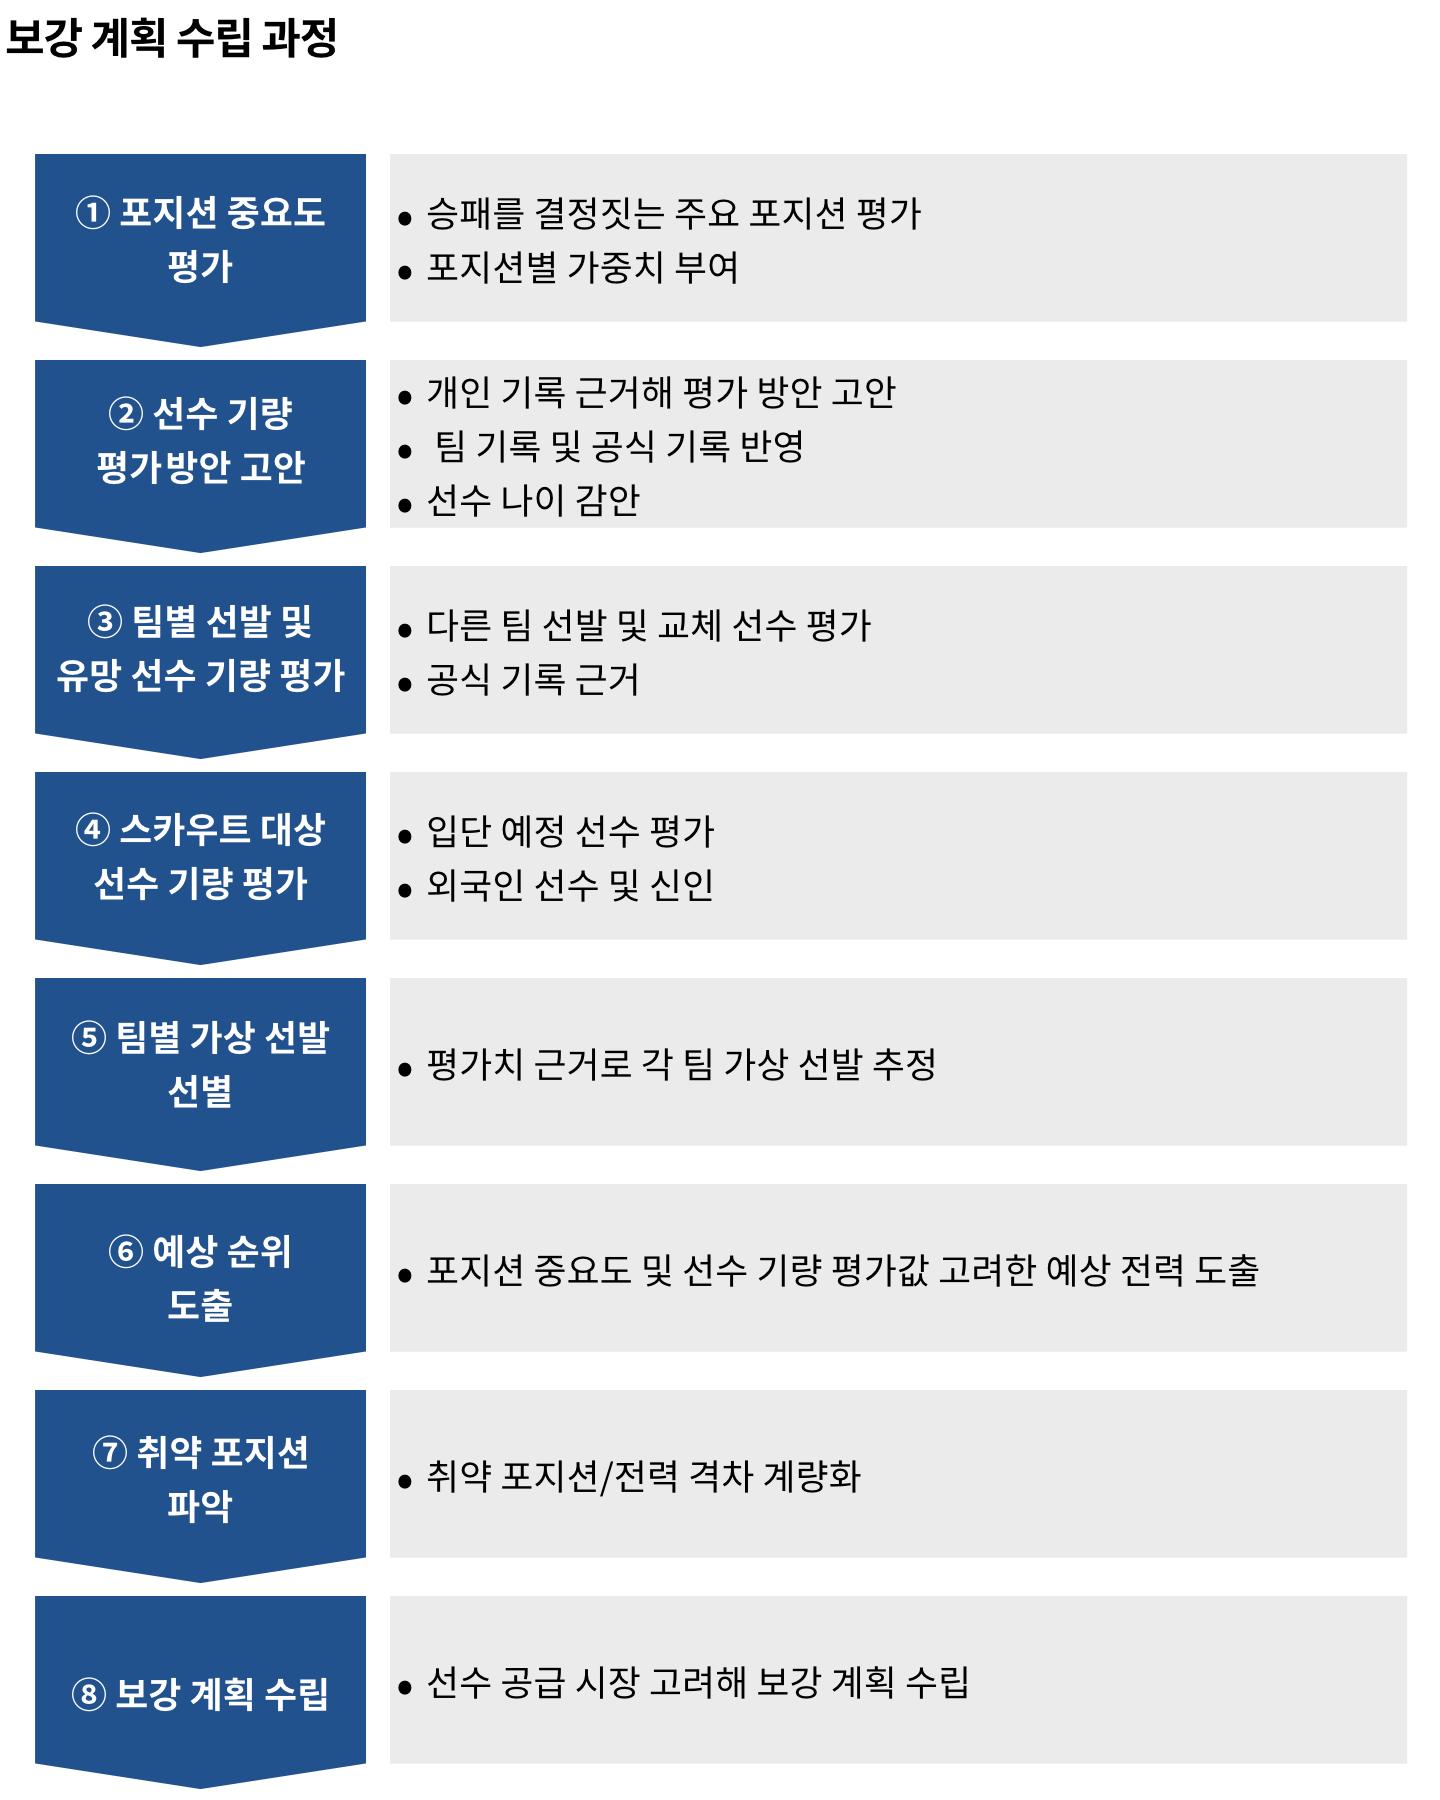 정리: 정희윤 / 그래픽: PUBLY